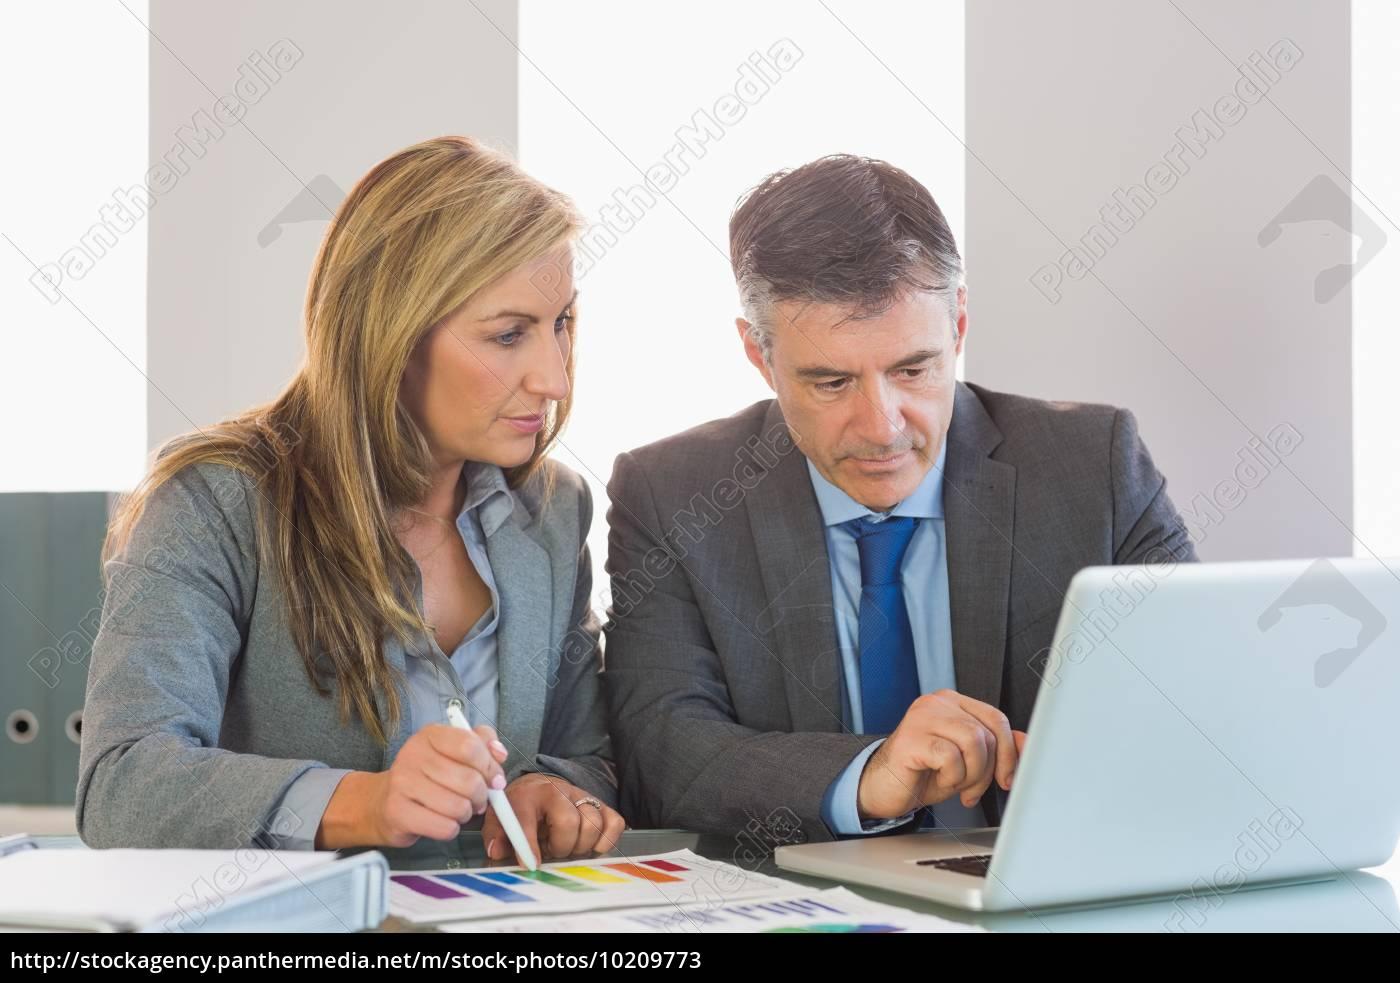 uomo, d'affari, attento, che, mostra, qualcosa - 10209773